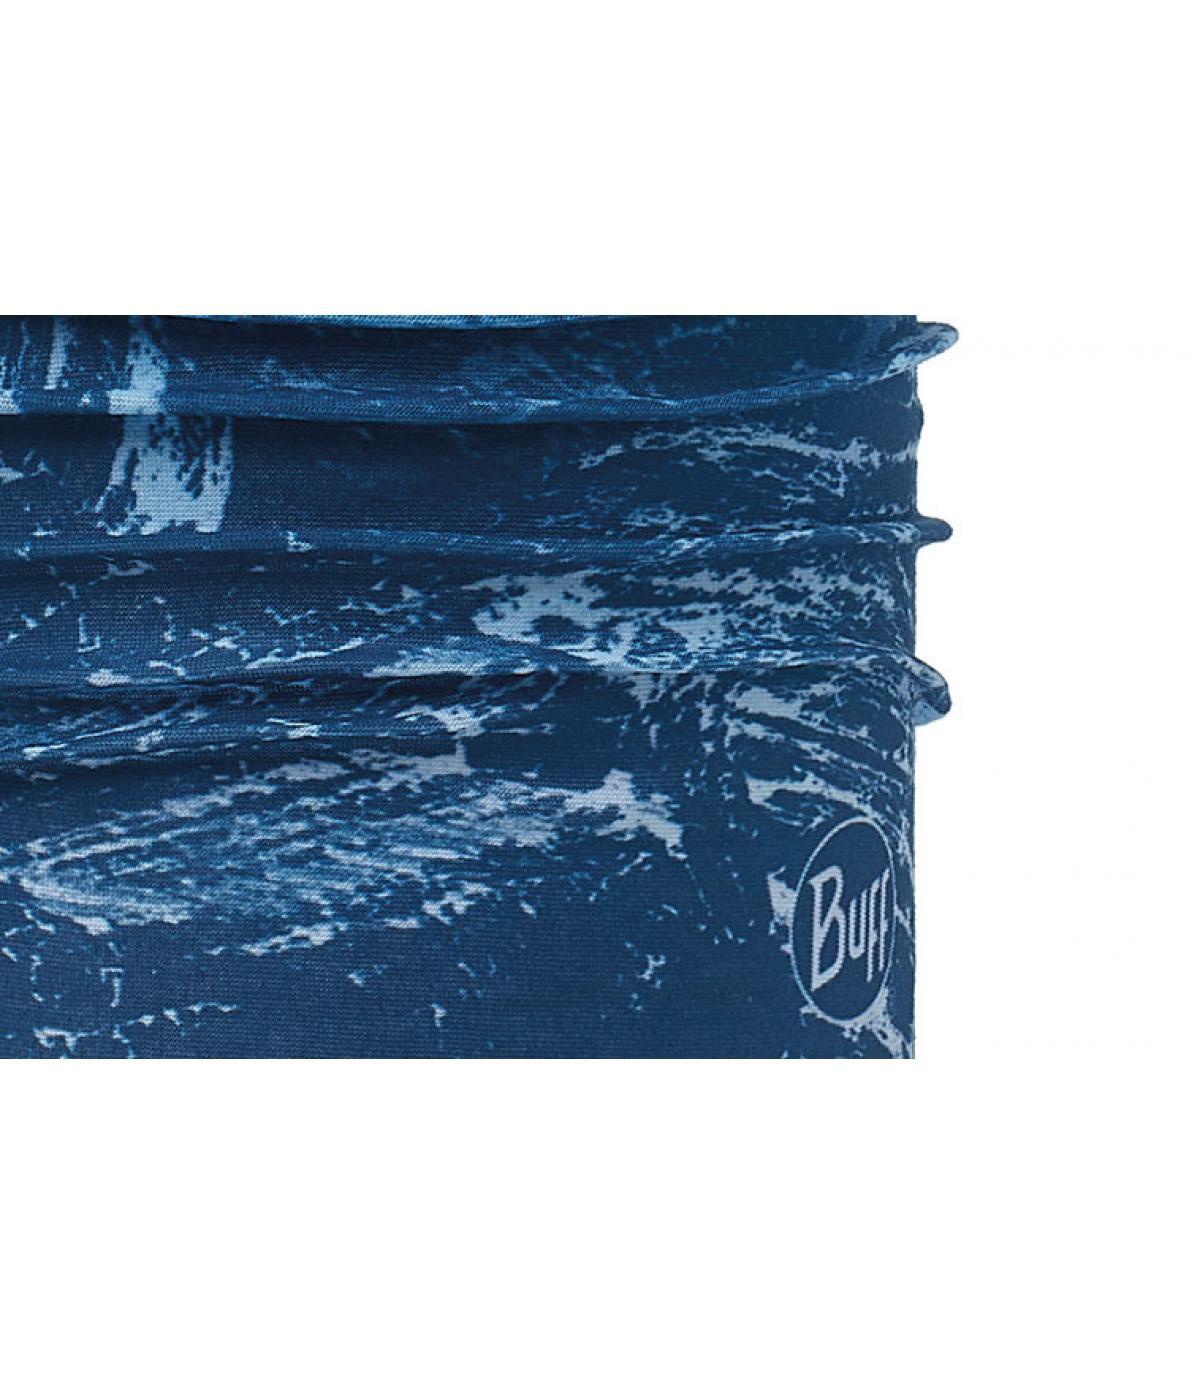 Détails Buff original mountain bits blue - image 2